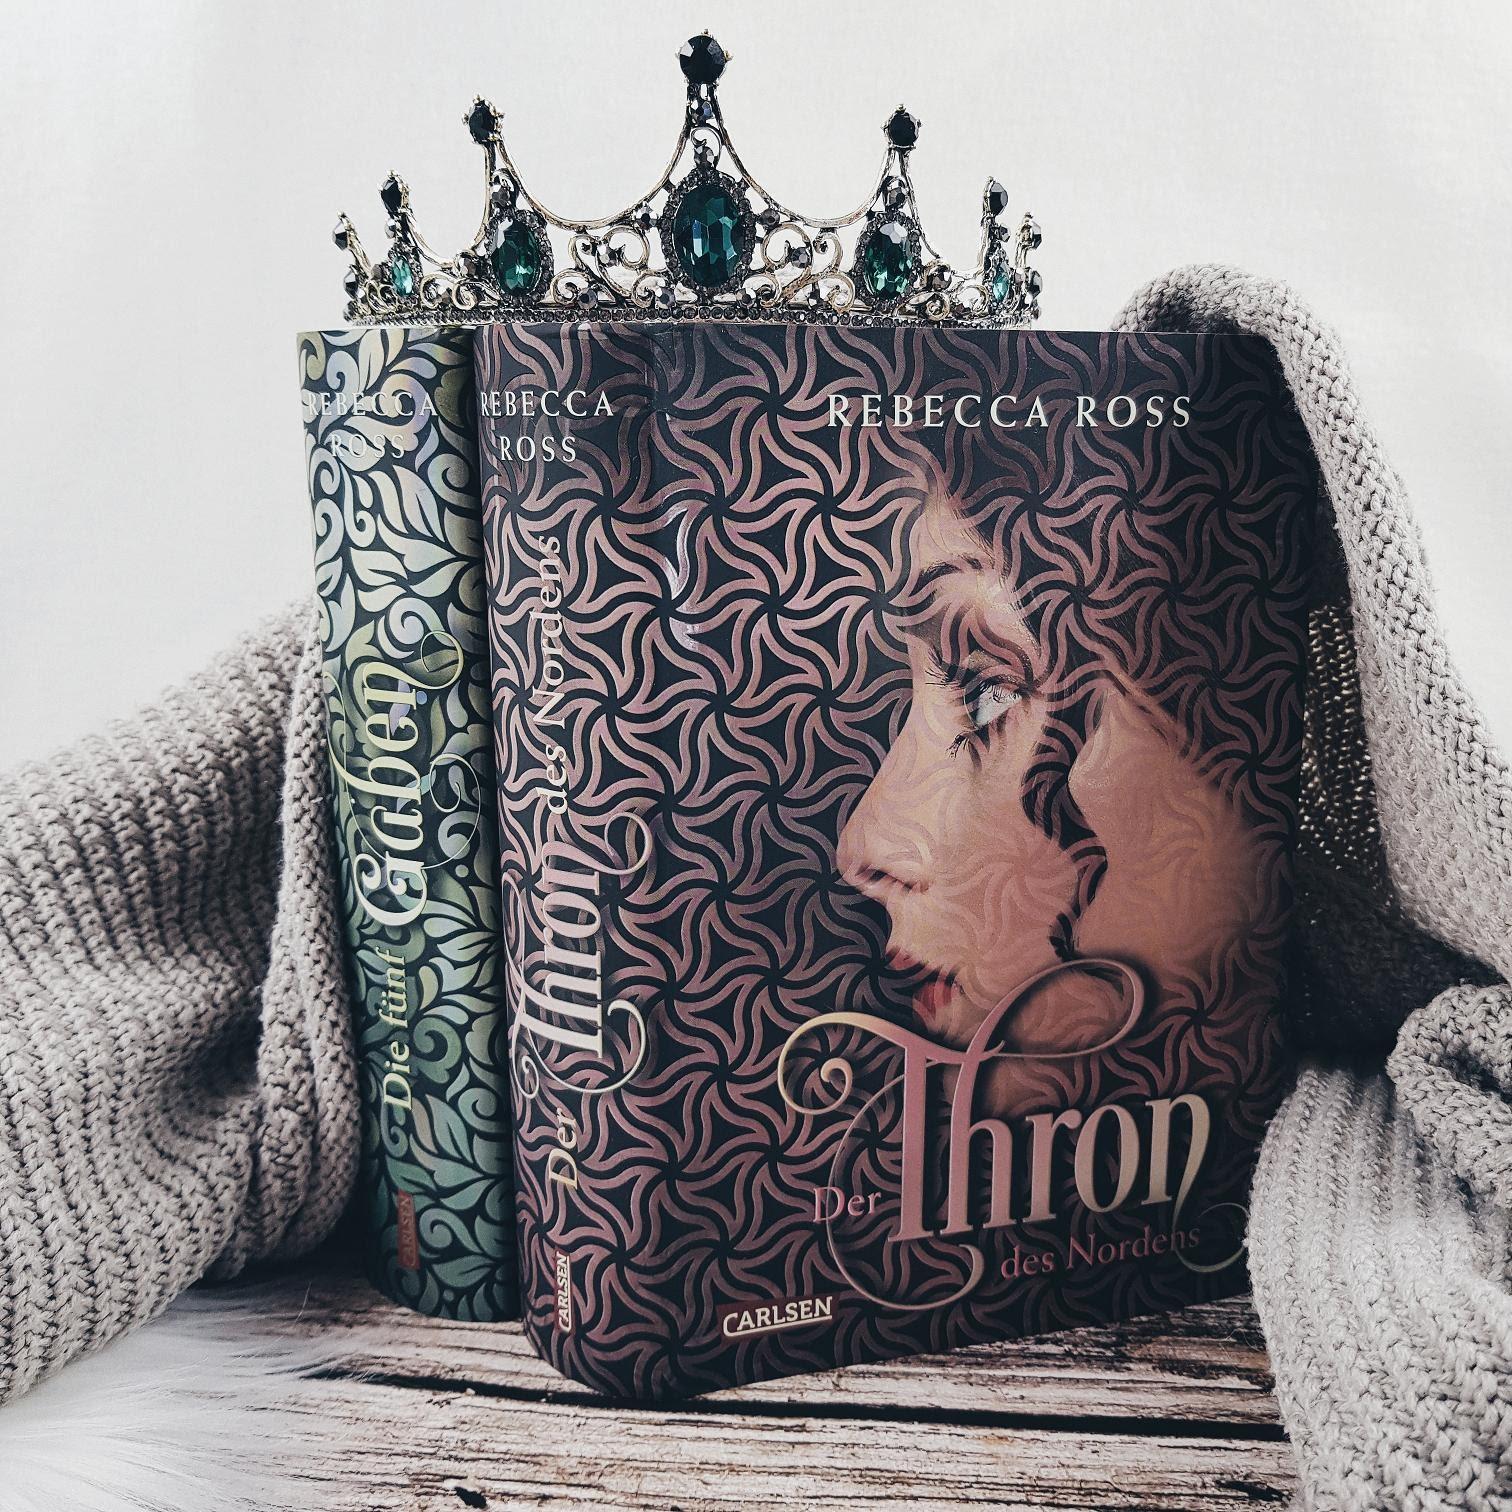 Bücherblog. Rezension. Buchcover. Der Thron des Nordens. Jugendbuch. Fantasy. Carlsen Verlag. ©Lisa B. | Prettytigers Bücherregal | prettytigerbuch